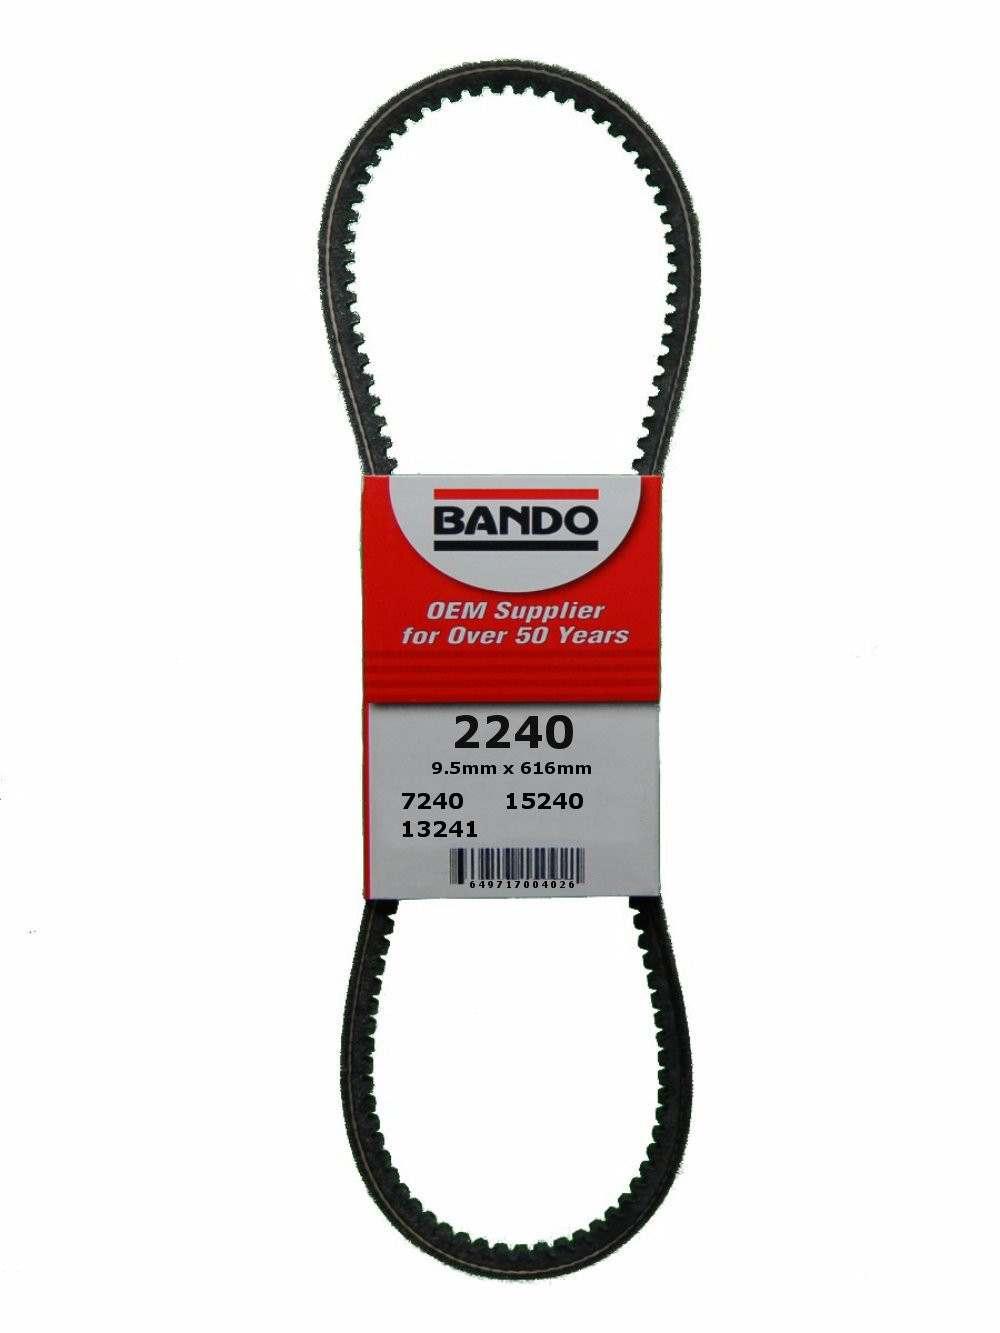 BANDO - Accessory Drive Belt - BWO 2240